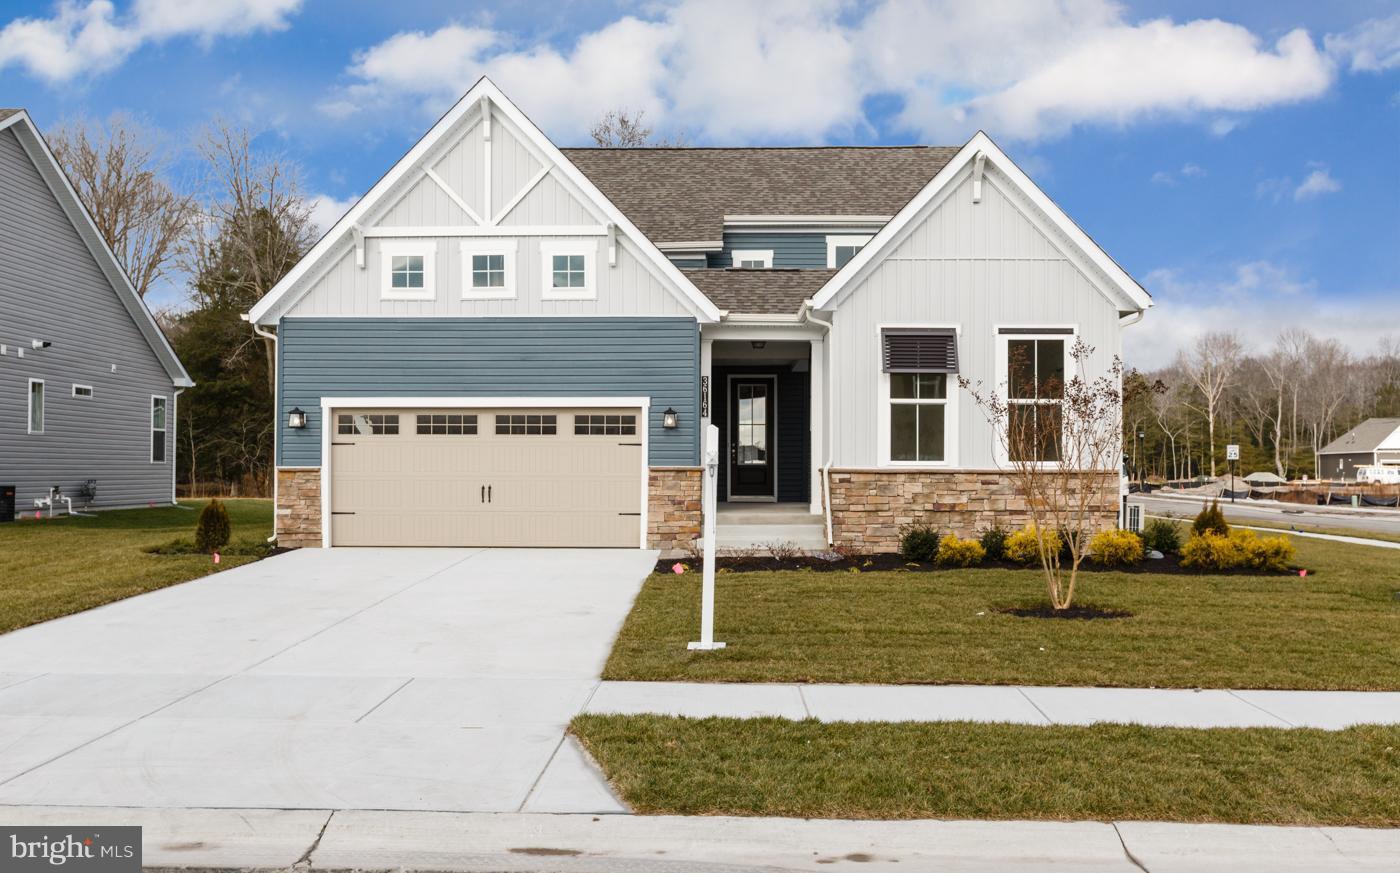 Eensgezinswoning voor Verkoop op 36164 WATCH HILL ROAD Frankford, Delaware 19945 Verenigde StatenIn/Rond: Frankford